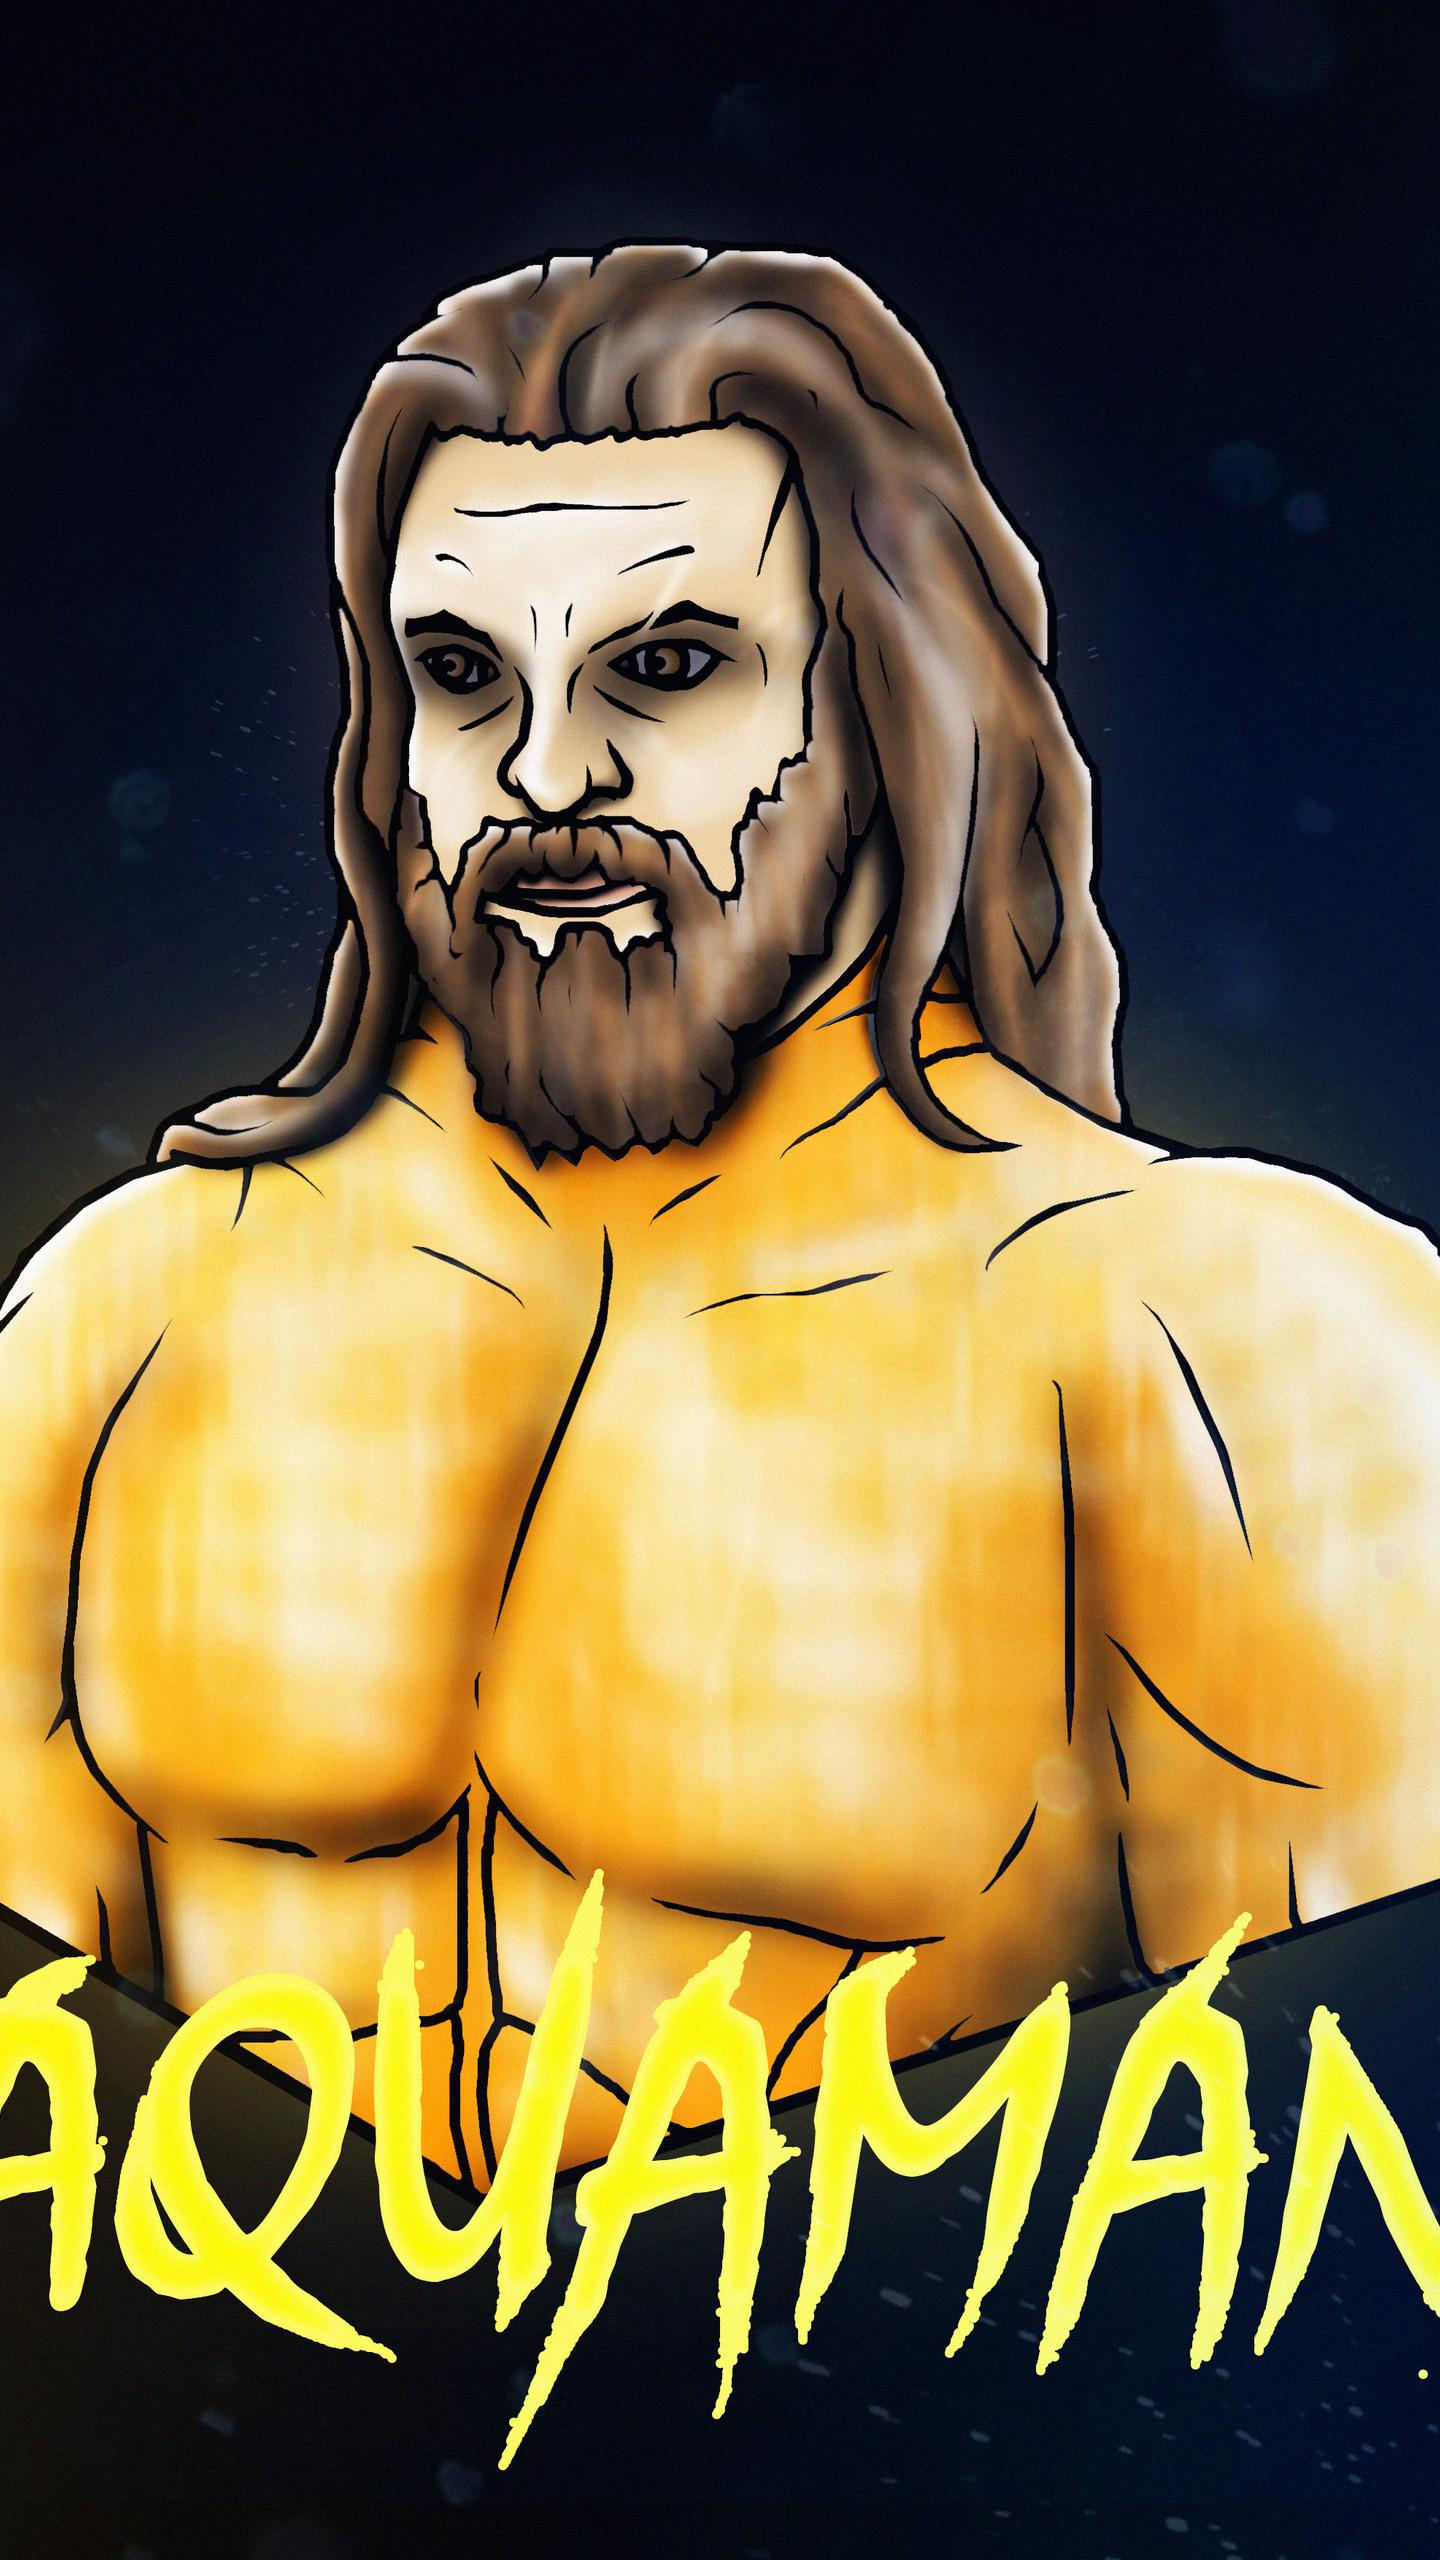 aquaman-character-artwork-ij.jpg